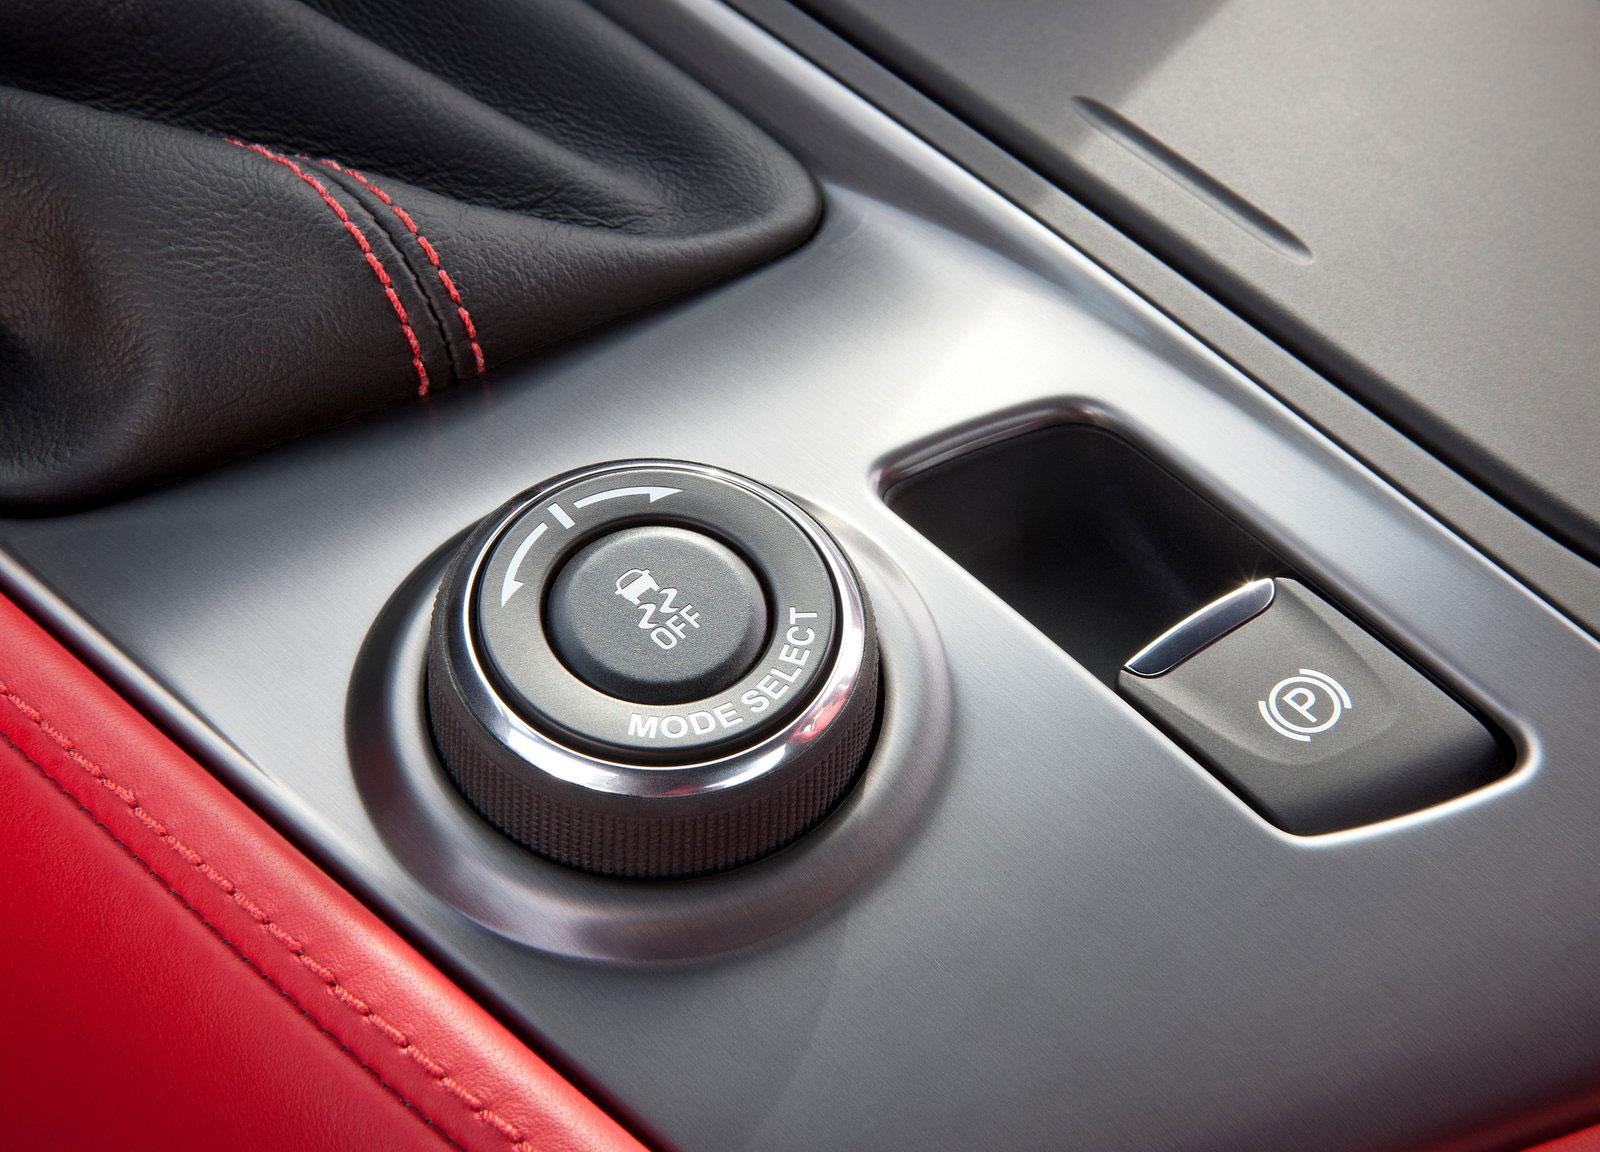 Chevrolet Corvette Stingray >> All-new 2014 Chevrolet Corvette C7 Stingray revealed! Paul Tan - Image 149420